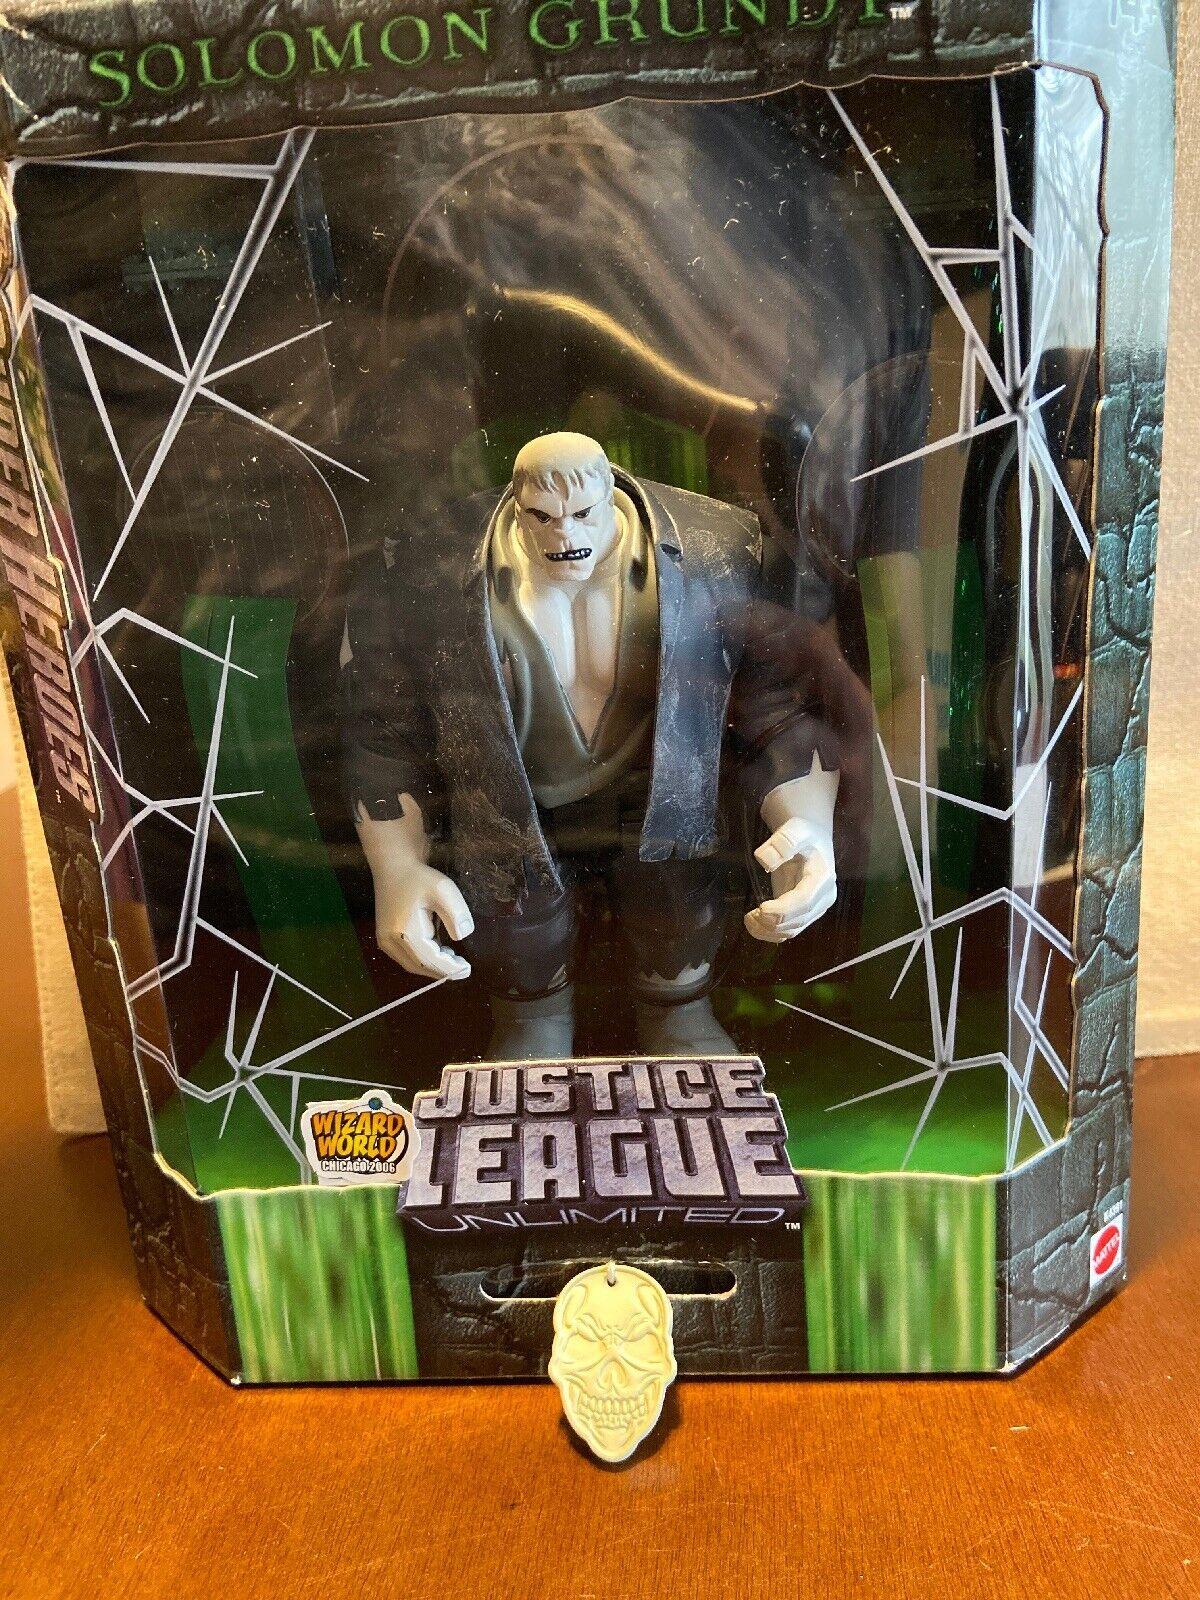 DC Comics Justice League JLU SDCC Solomon Gcorreredy Exclusive Slime Variant Mattel